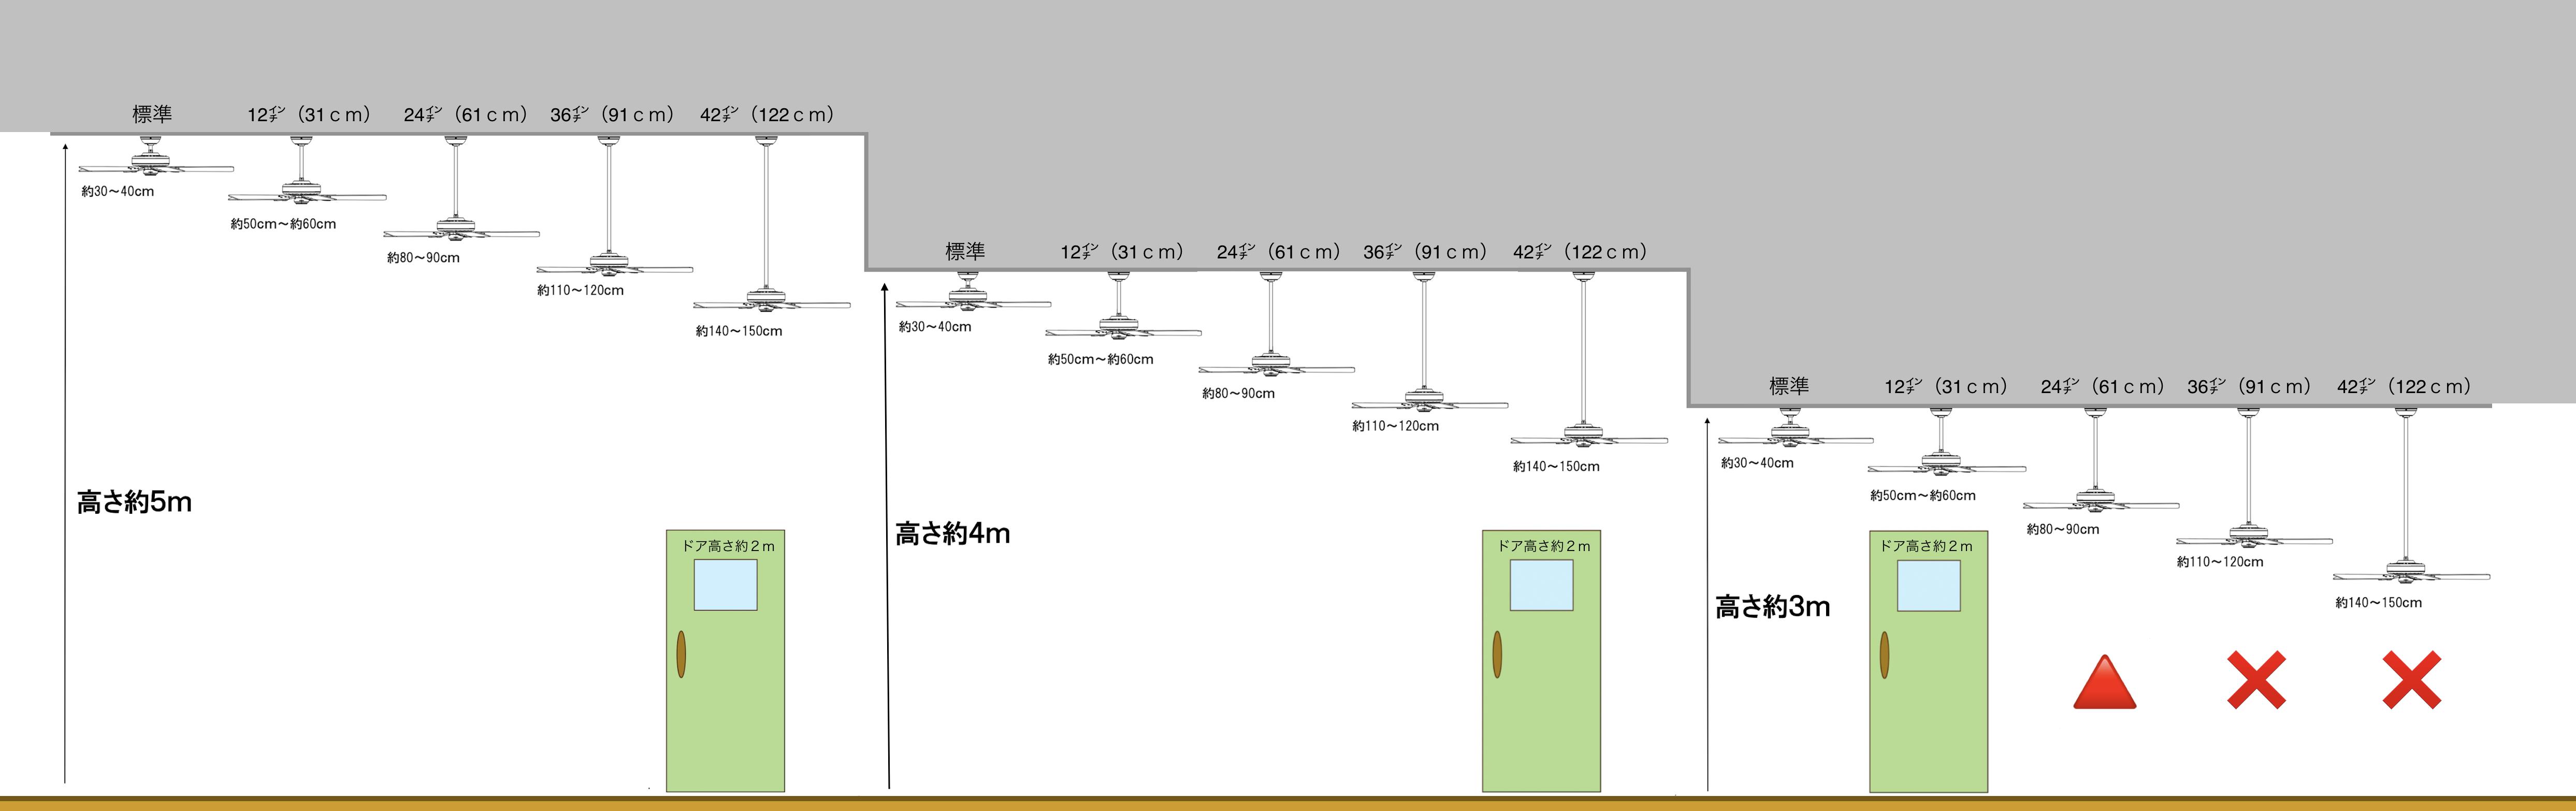 シーリングファン 交換延長ダウンロッド サイズ表 正規輸入品販売 ハンターストア